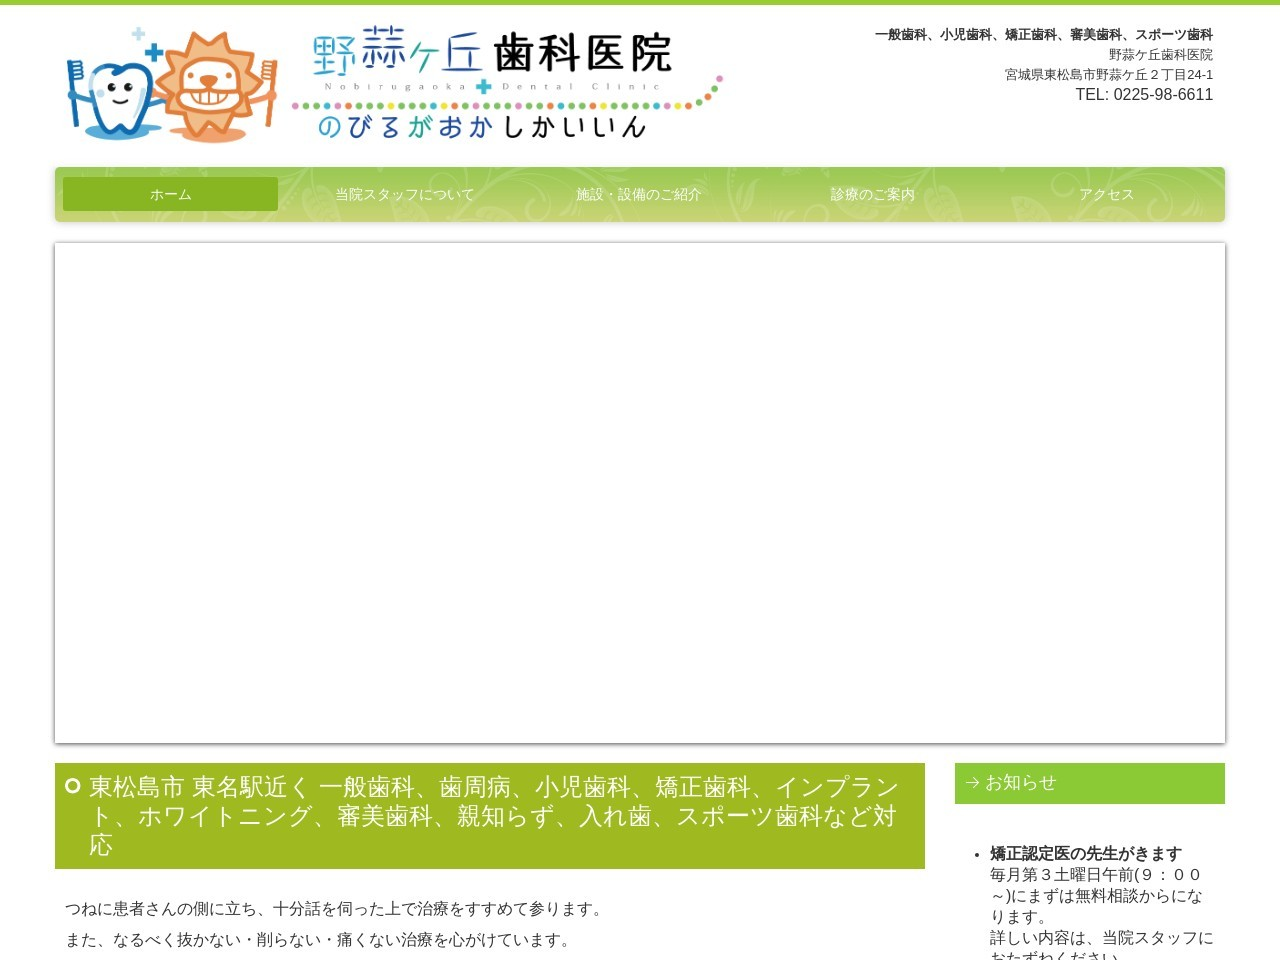 野蒜ケ丘歯科医院 (宮城県東松島市)